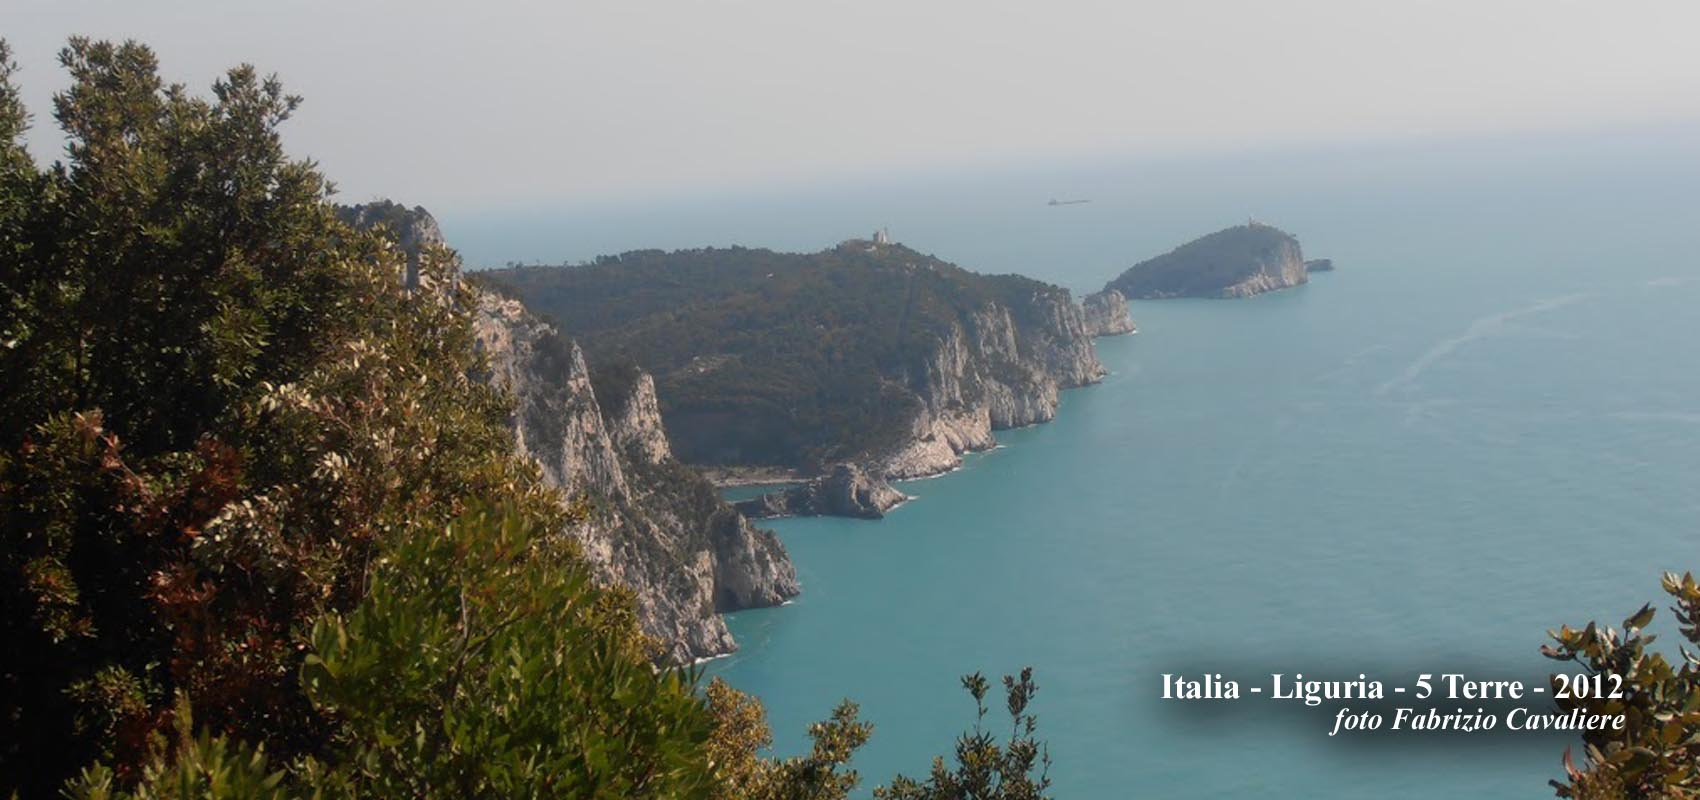 Italia, Liguria - 5 terre - 2012